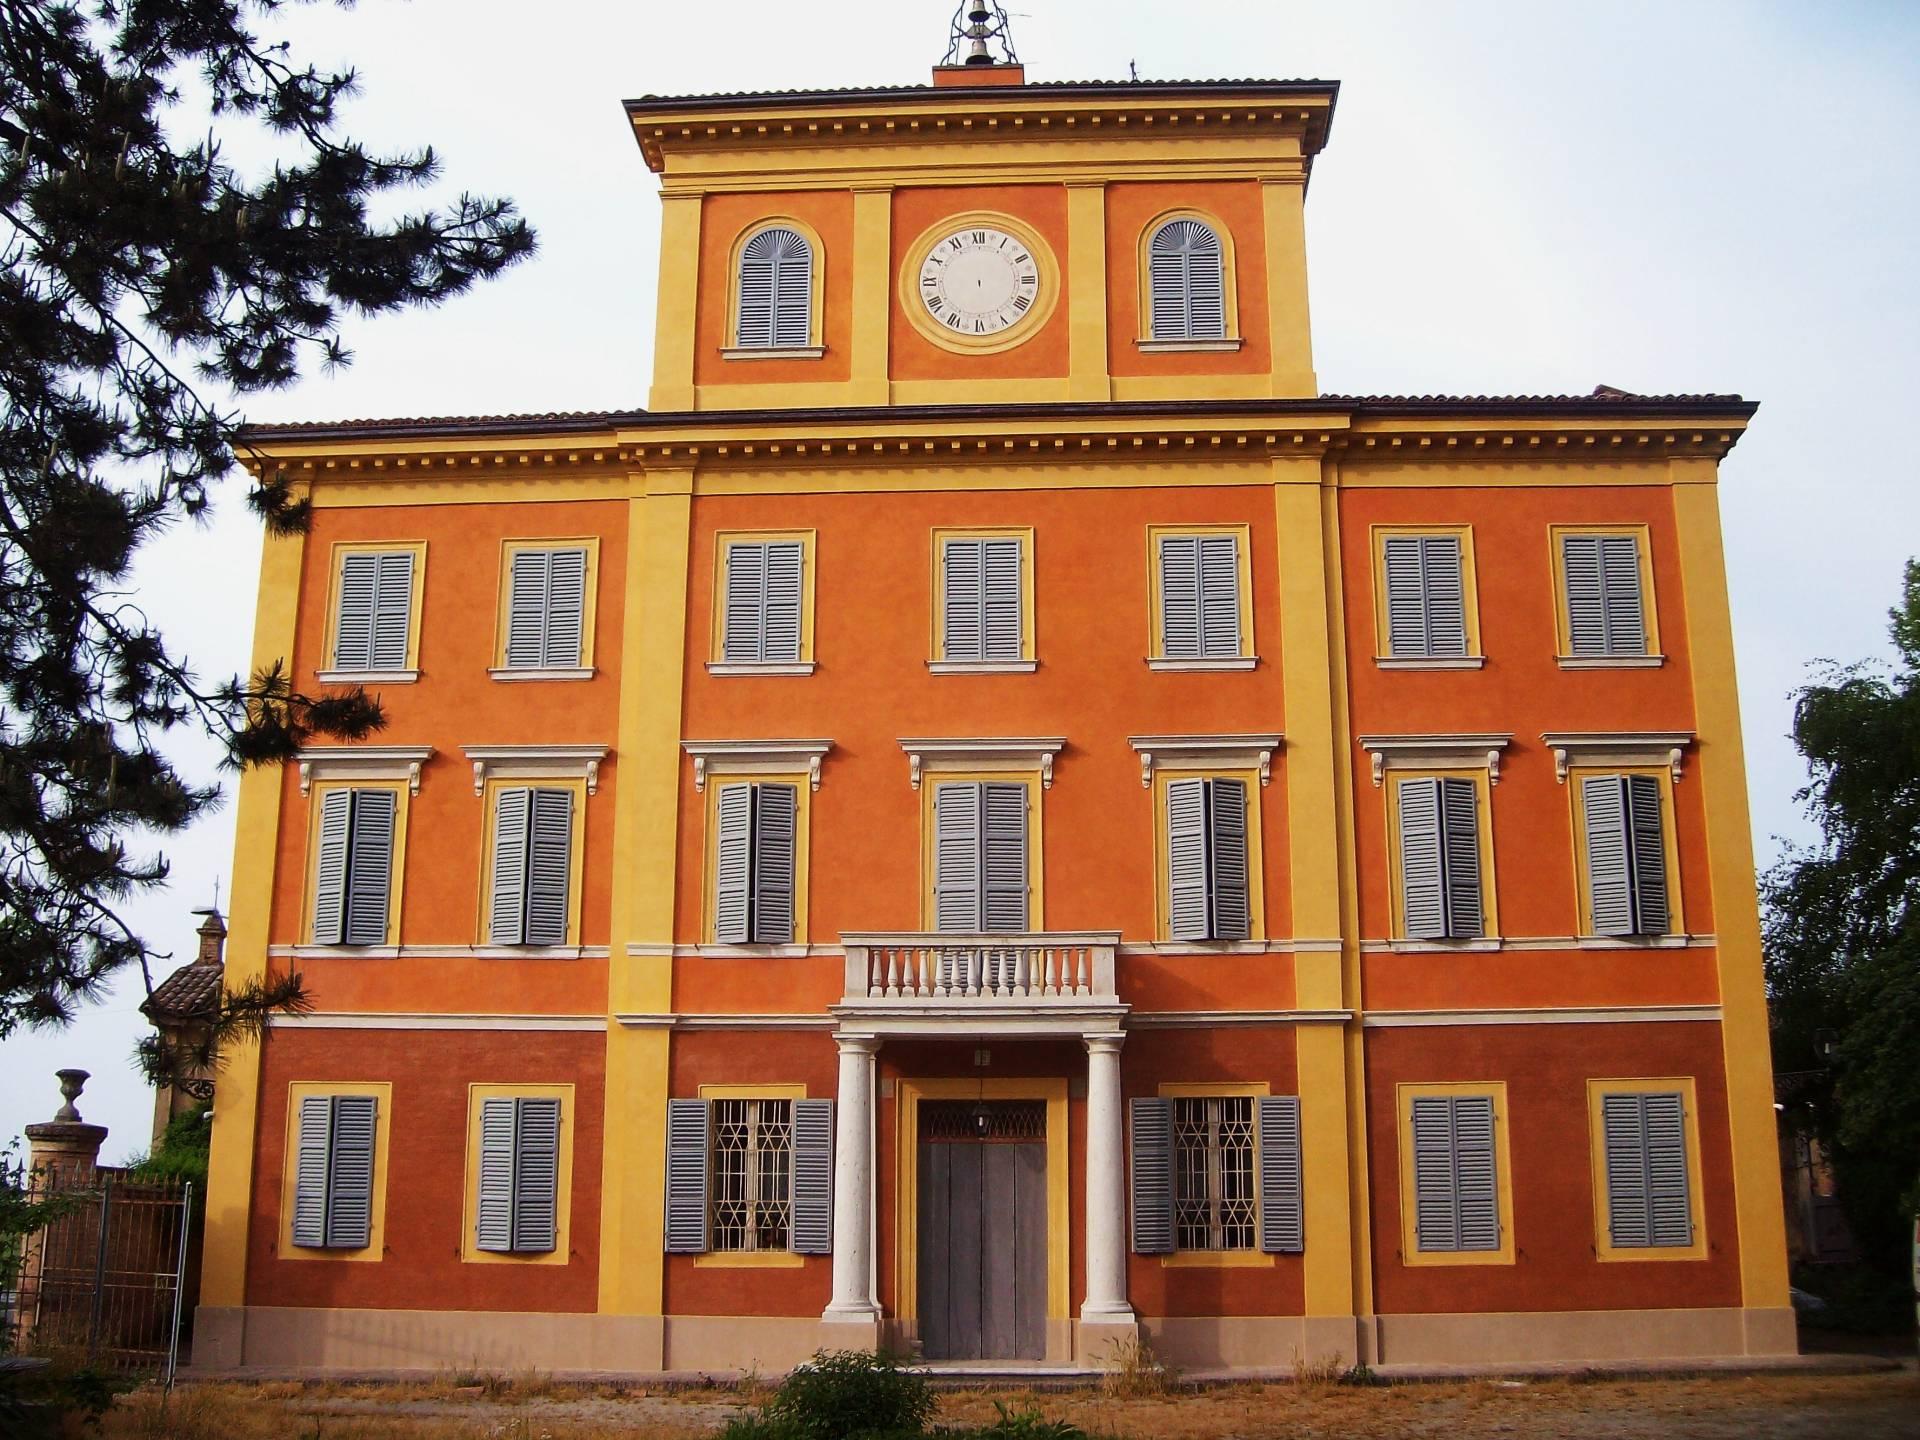 Restauro e consolidamento di una villa padronale in provincia di Modena - ITON SRL